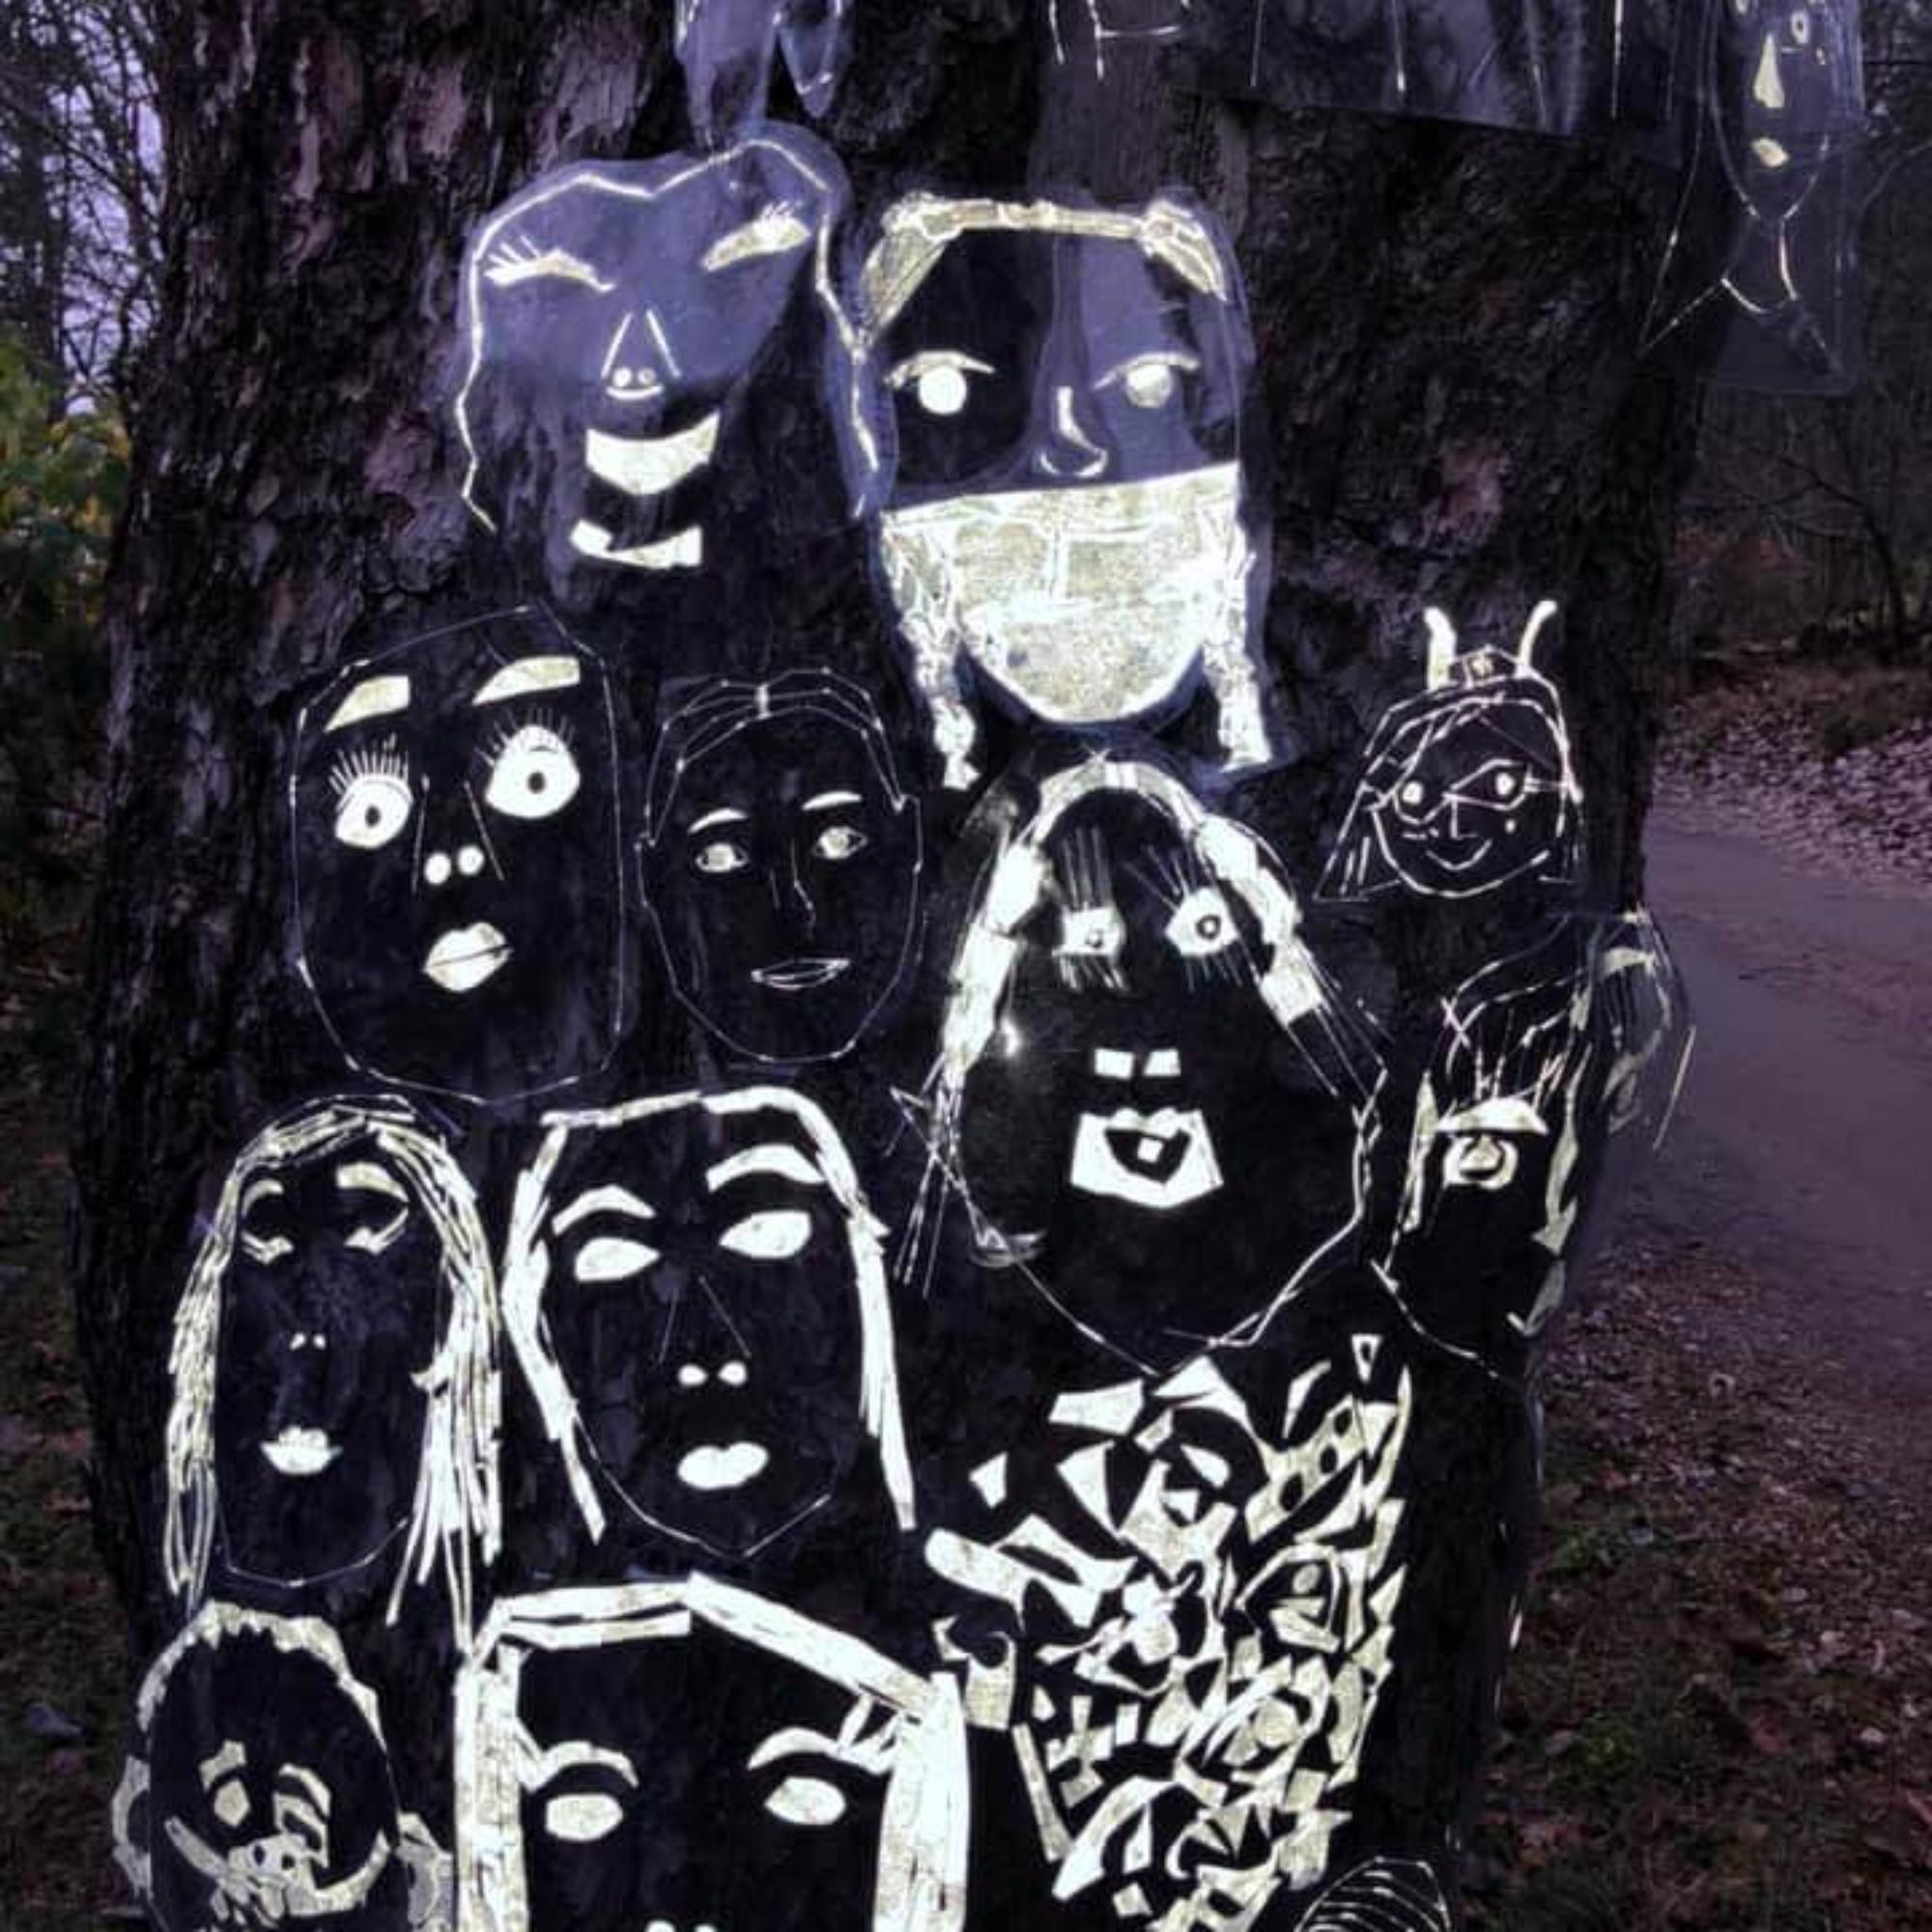 Kirkkonummen kuvataidekoulun oppilaiden heijastinkankaasta tekemiä kasvoja puun rungossa.